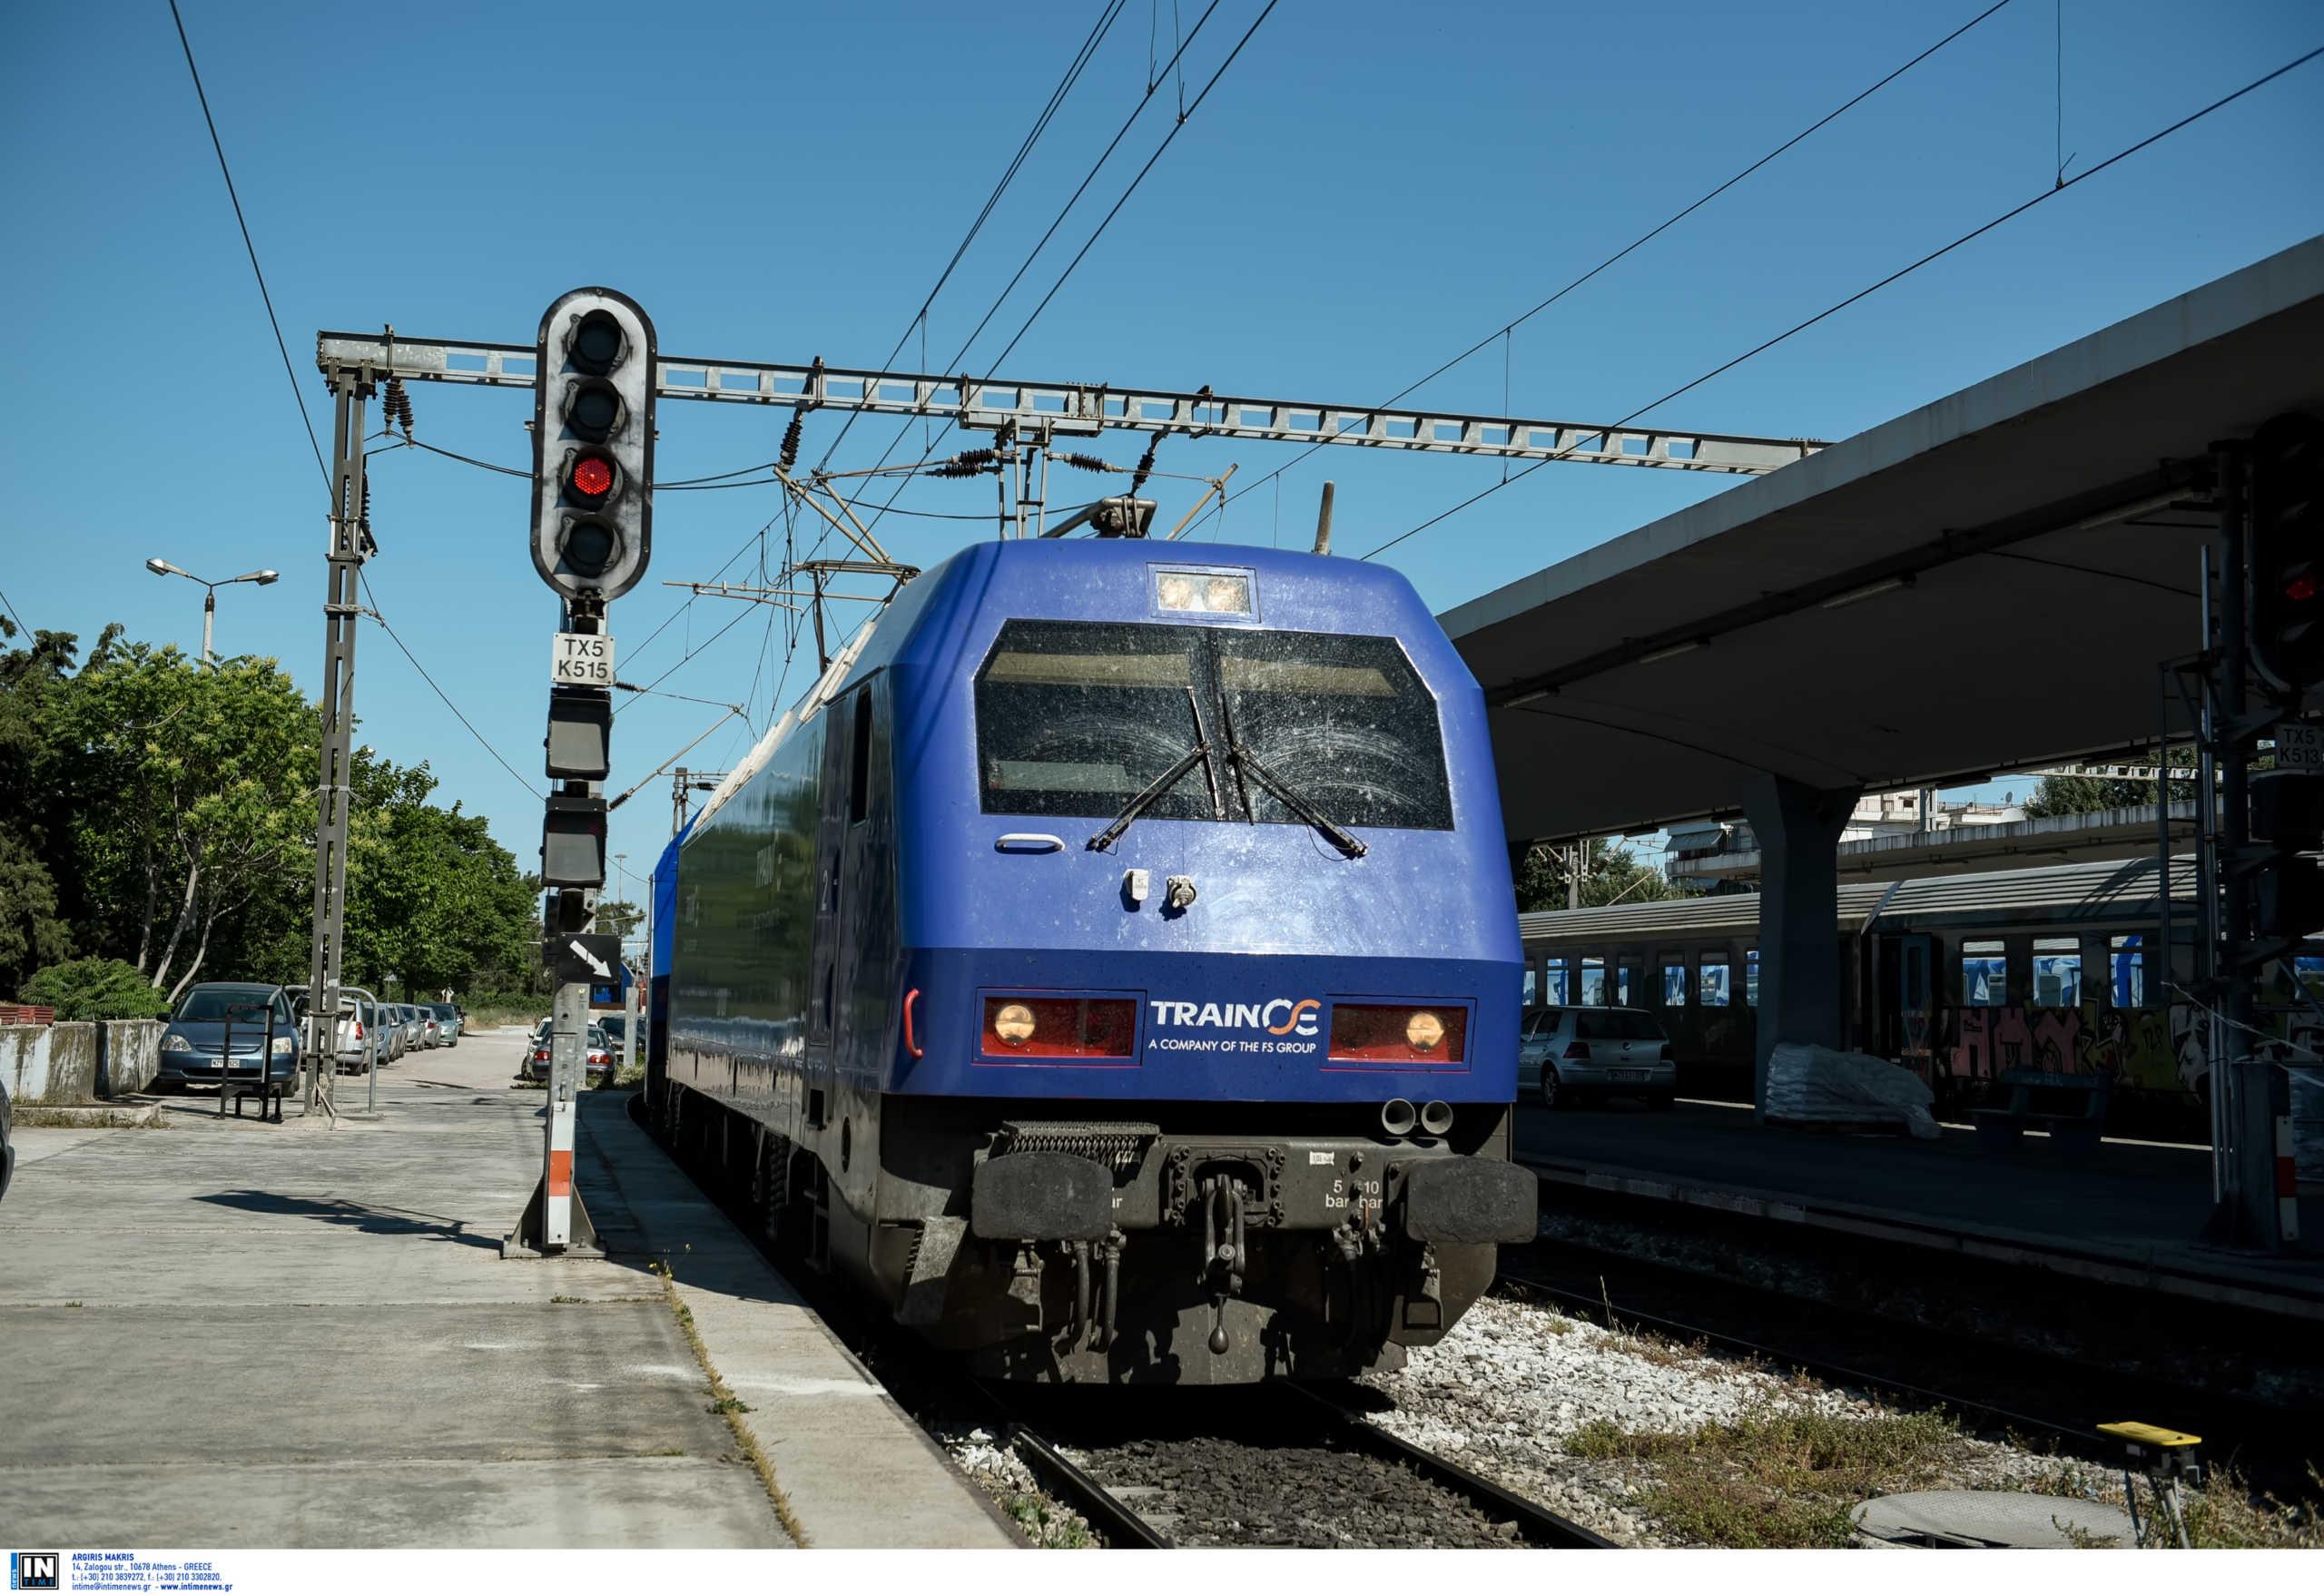 Θεσσαλονίκη: Η βροχή ακινητοποίησε τρένα